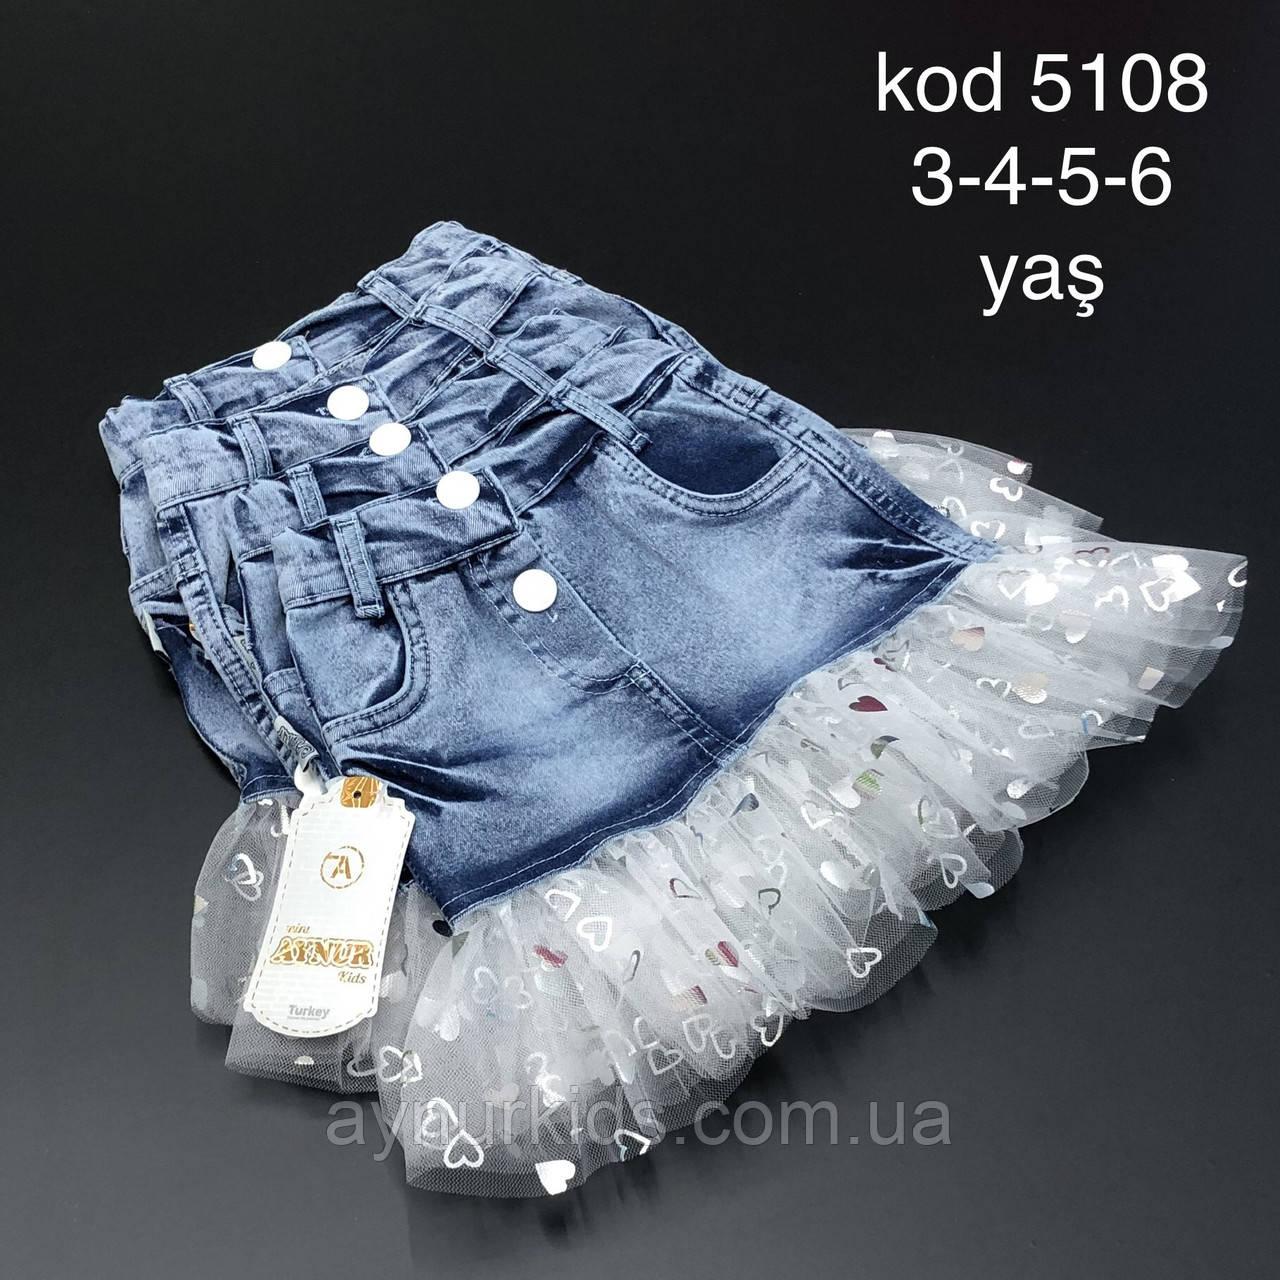 Модная юбка для девочки 3-4-5-6 лет